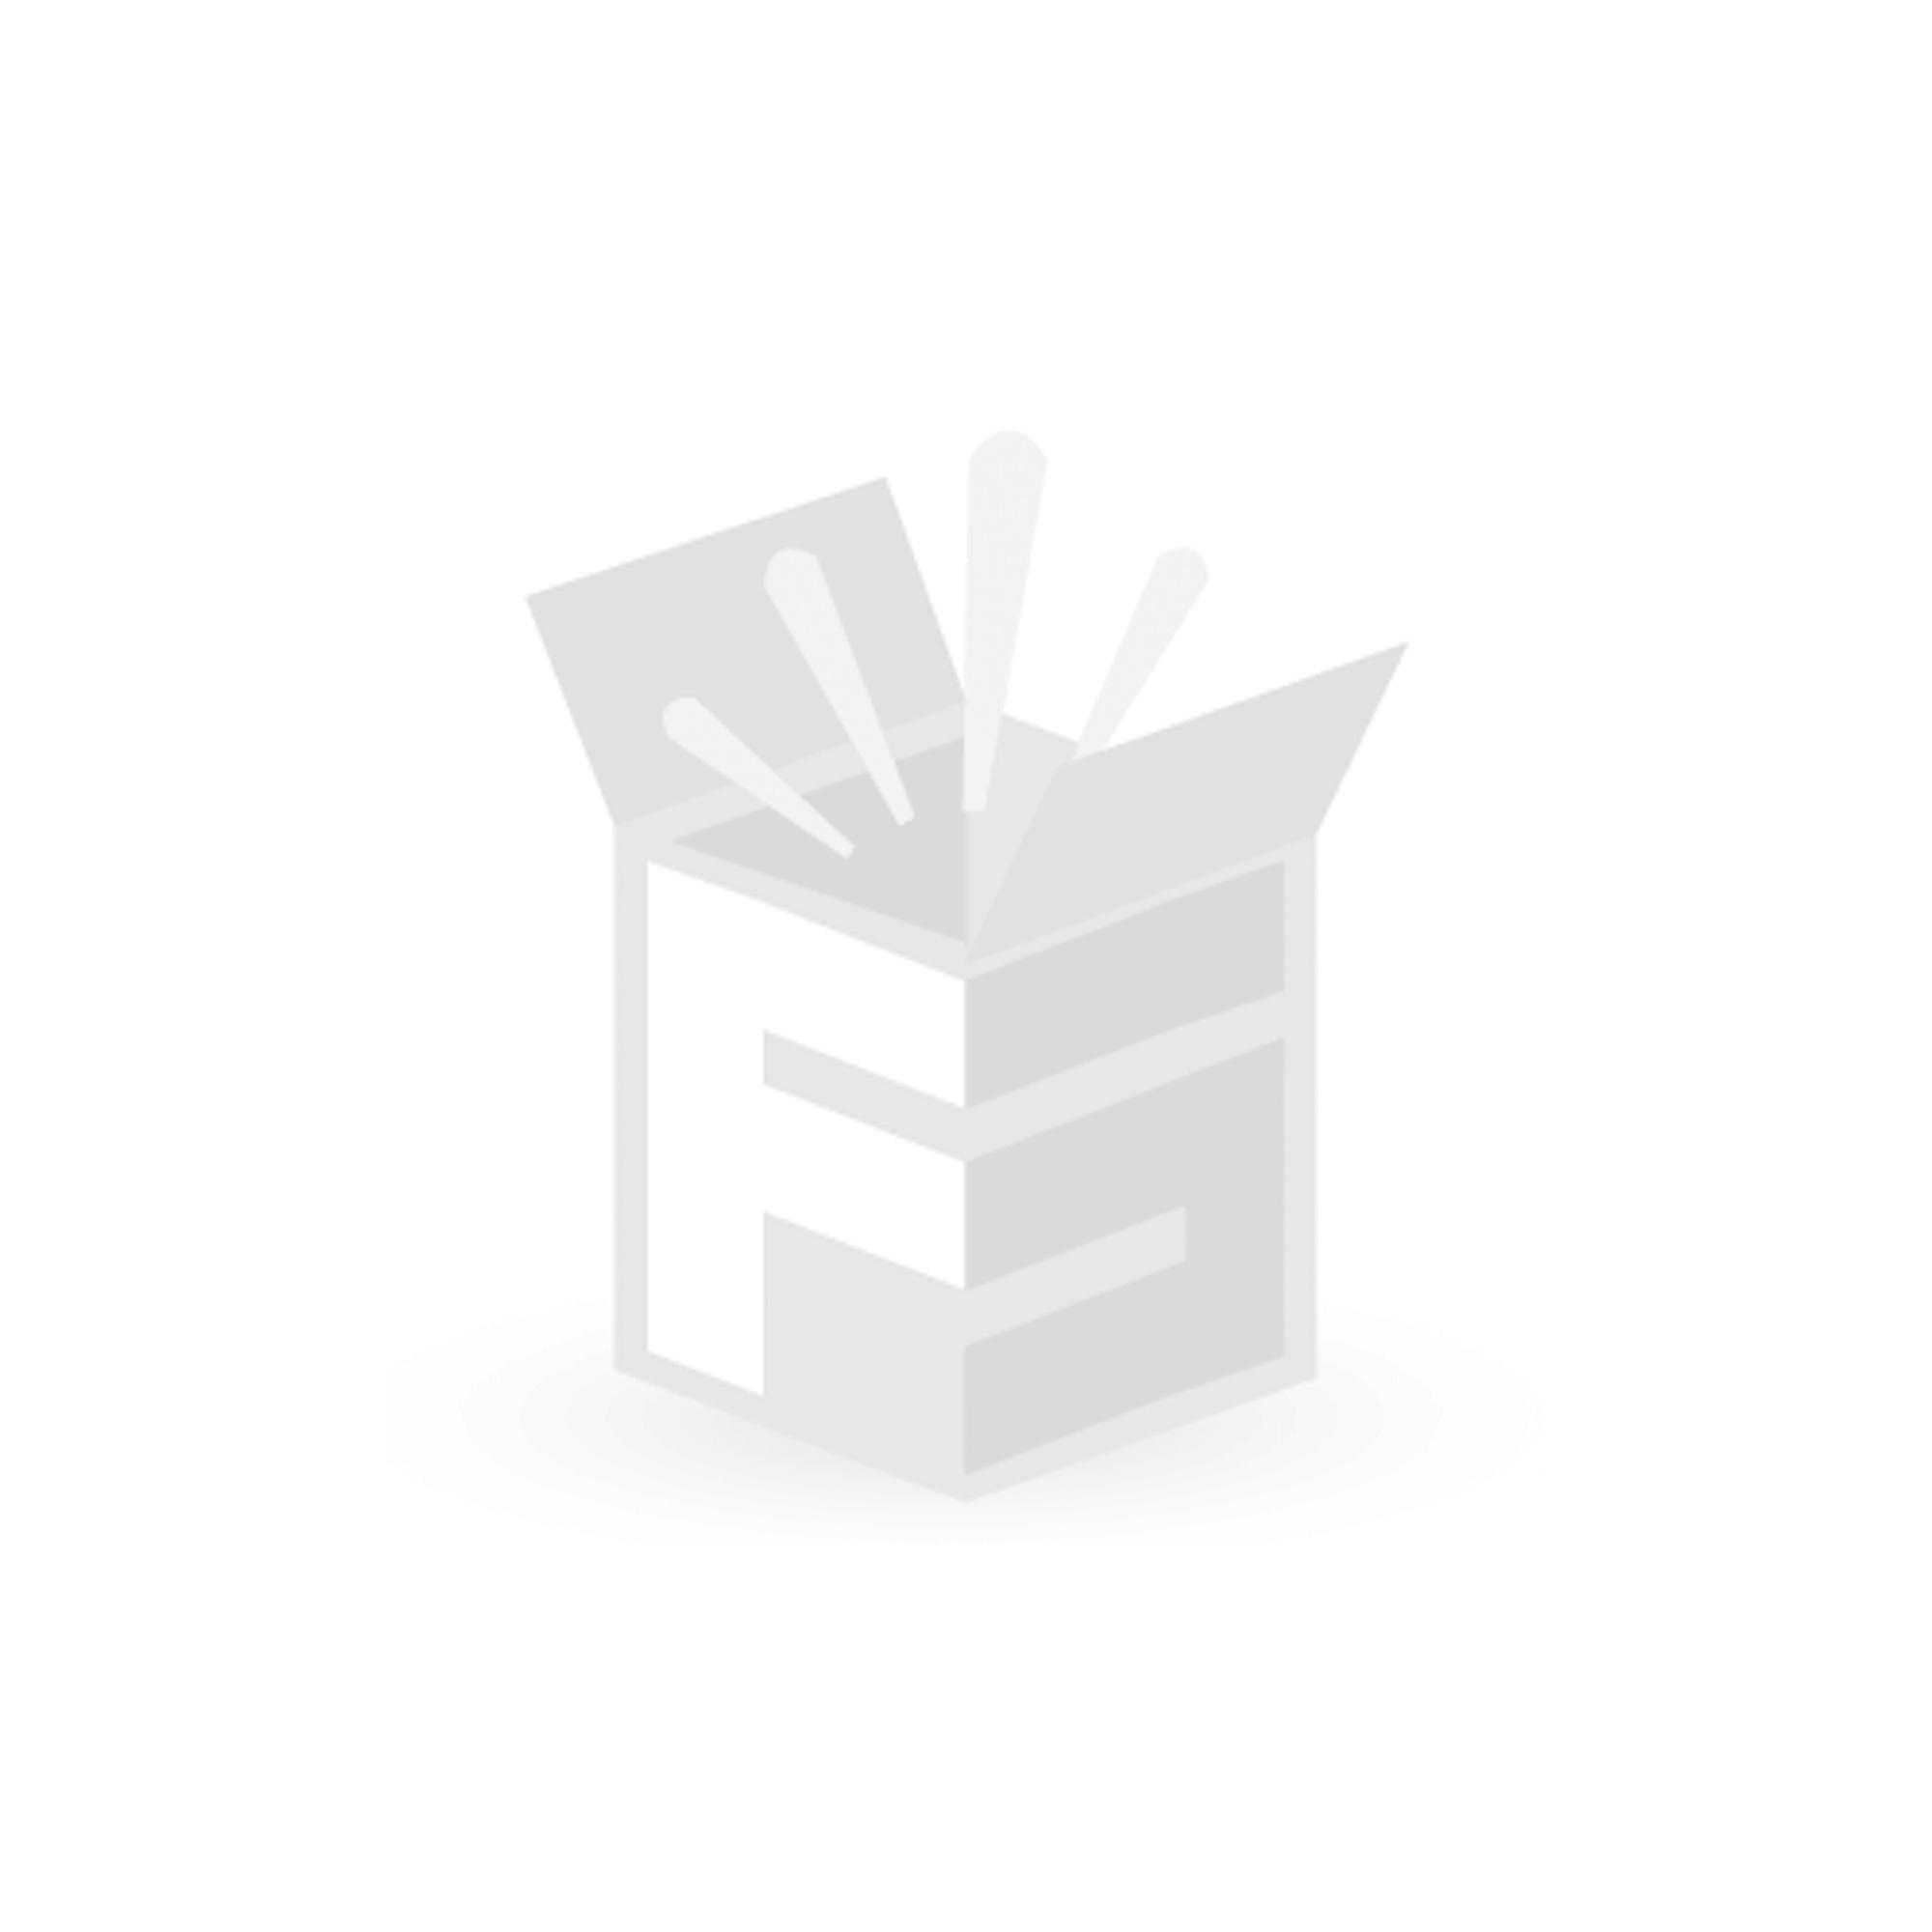 forsberg heizl fter 2 kw. Black Bedroom Furniture Sets. Home Design Ideas